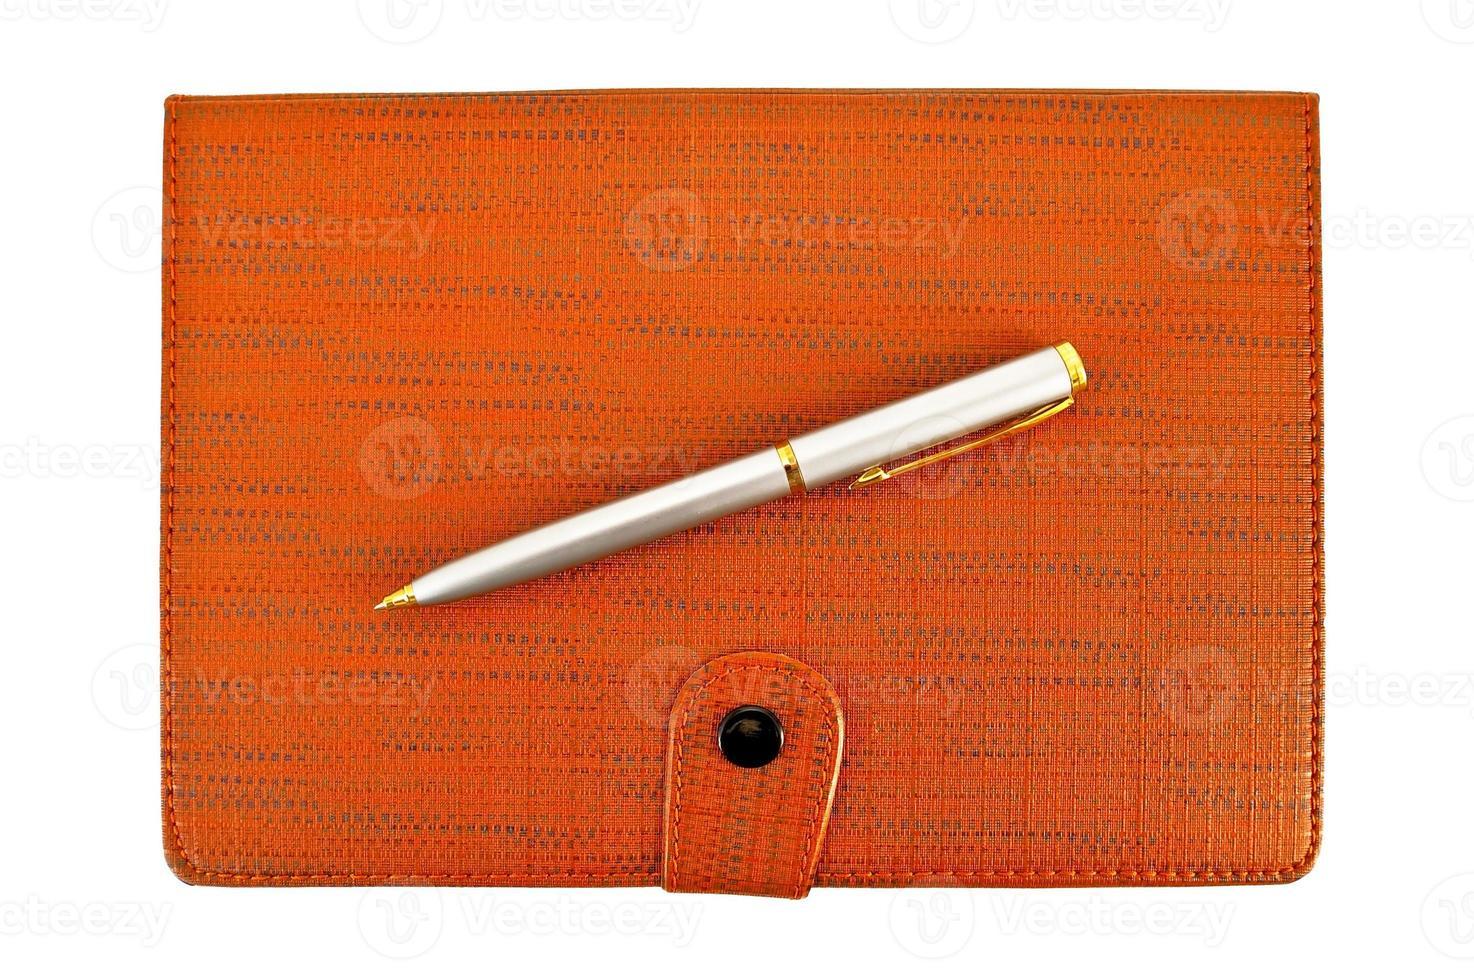 cahier avec un stylo argenté photo